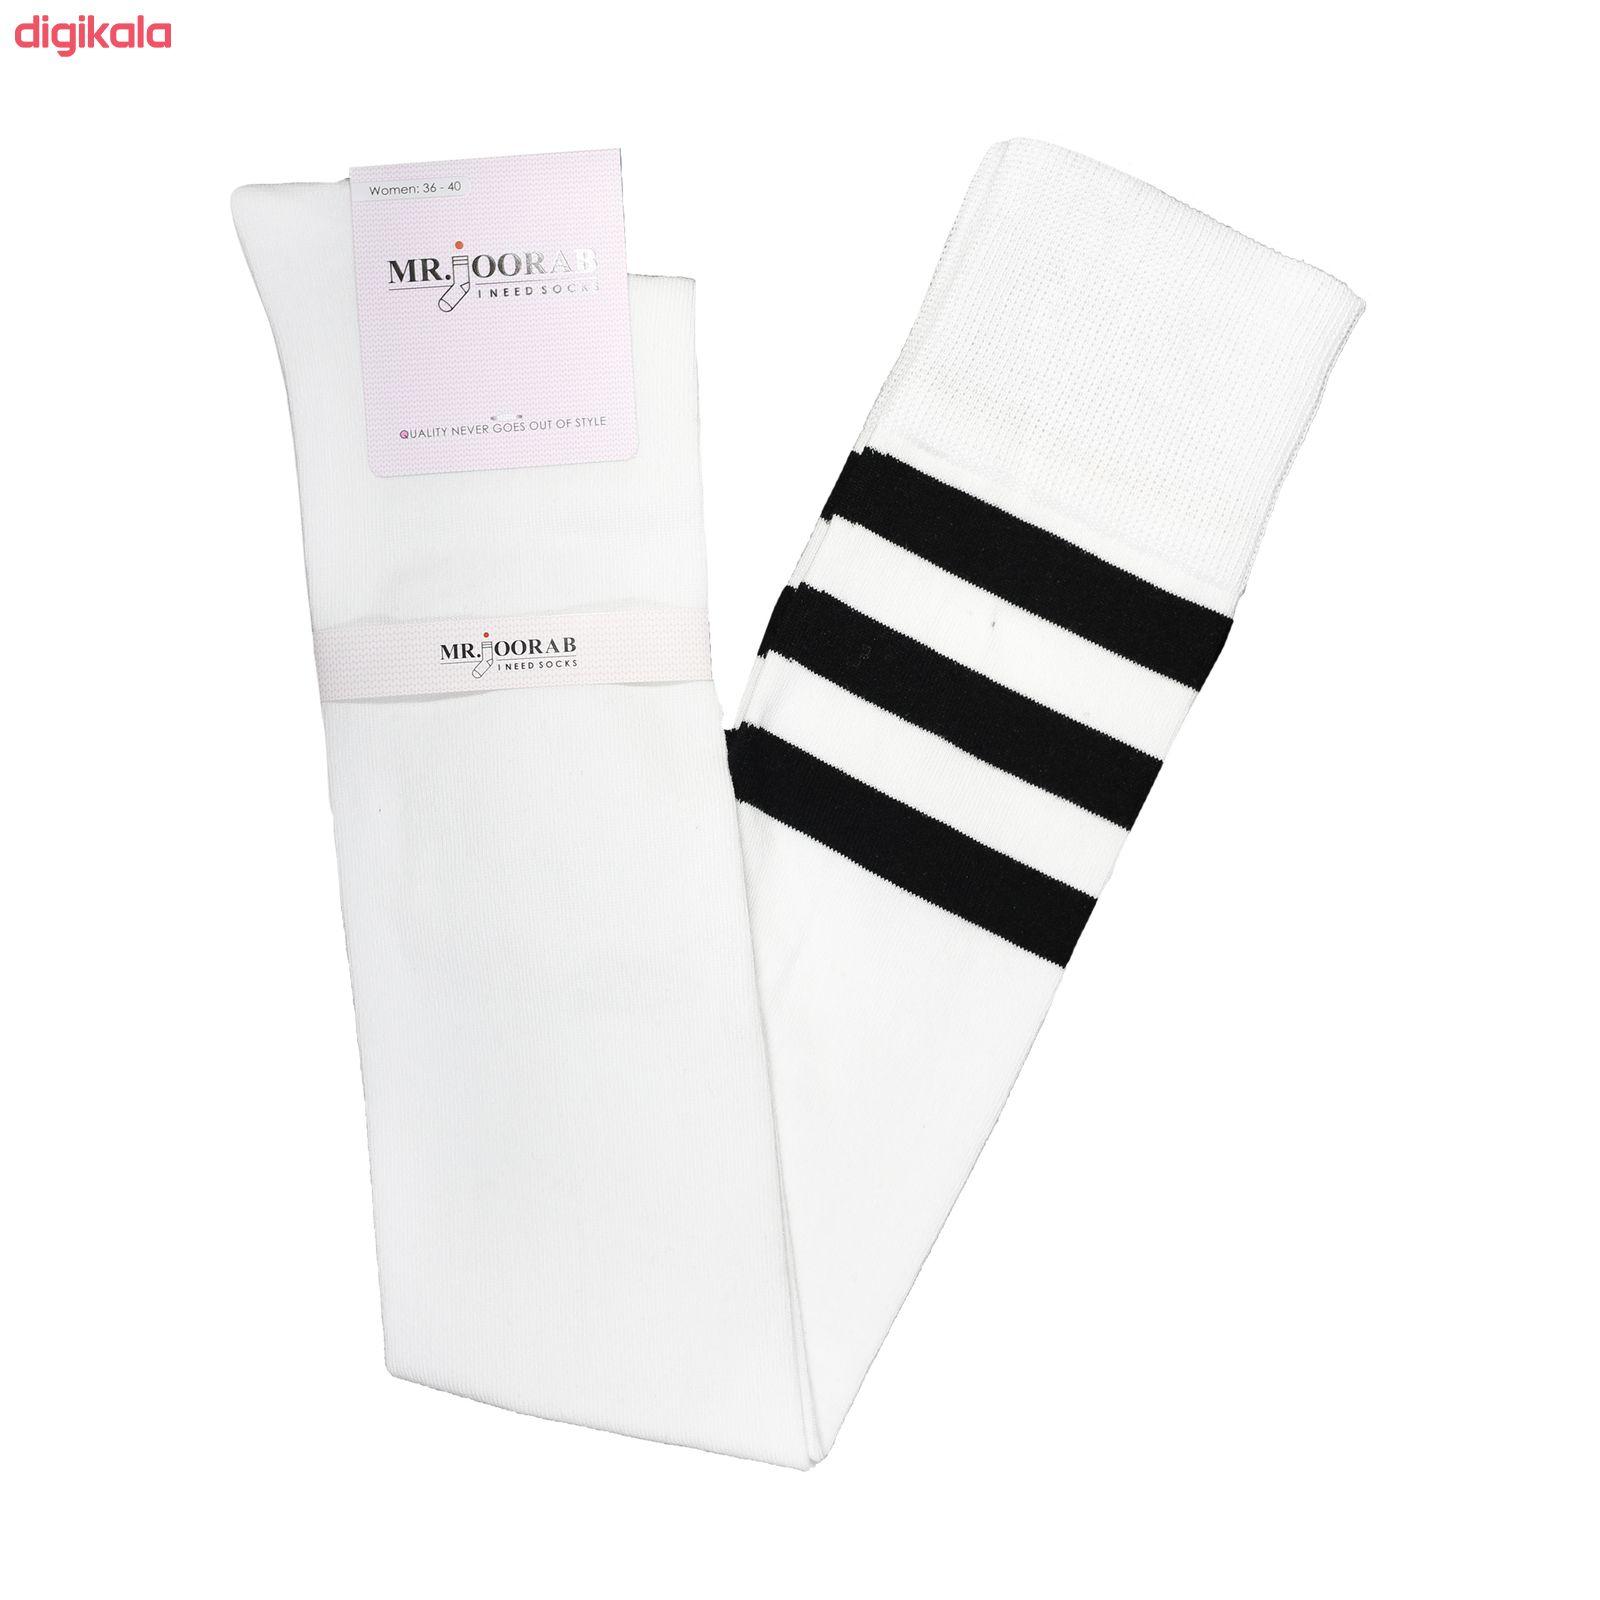 جوراب زنانه مستر جوراب کد RG-MR 308 بسته 2 عددی main 1 1